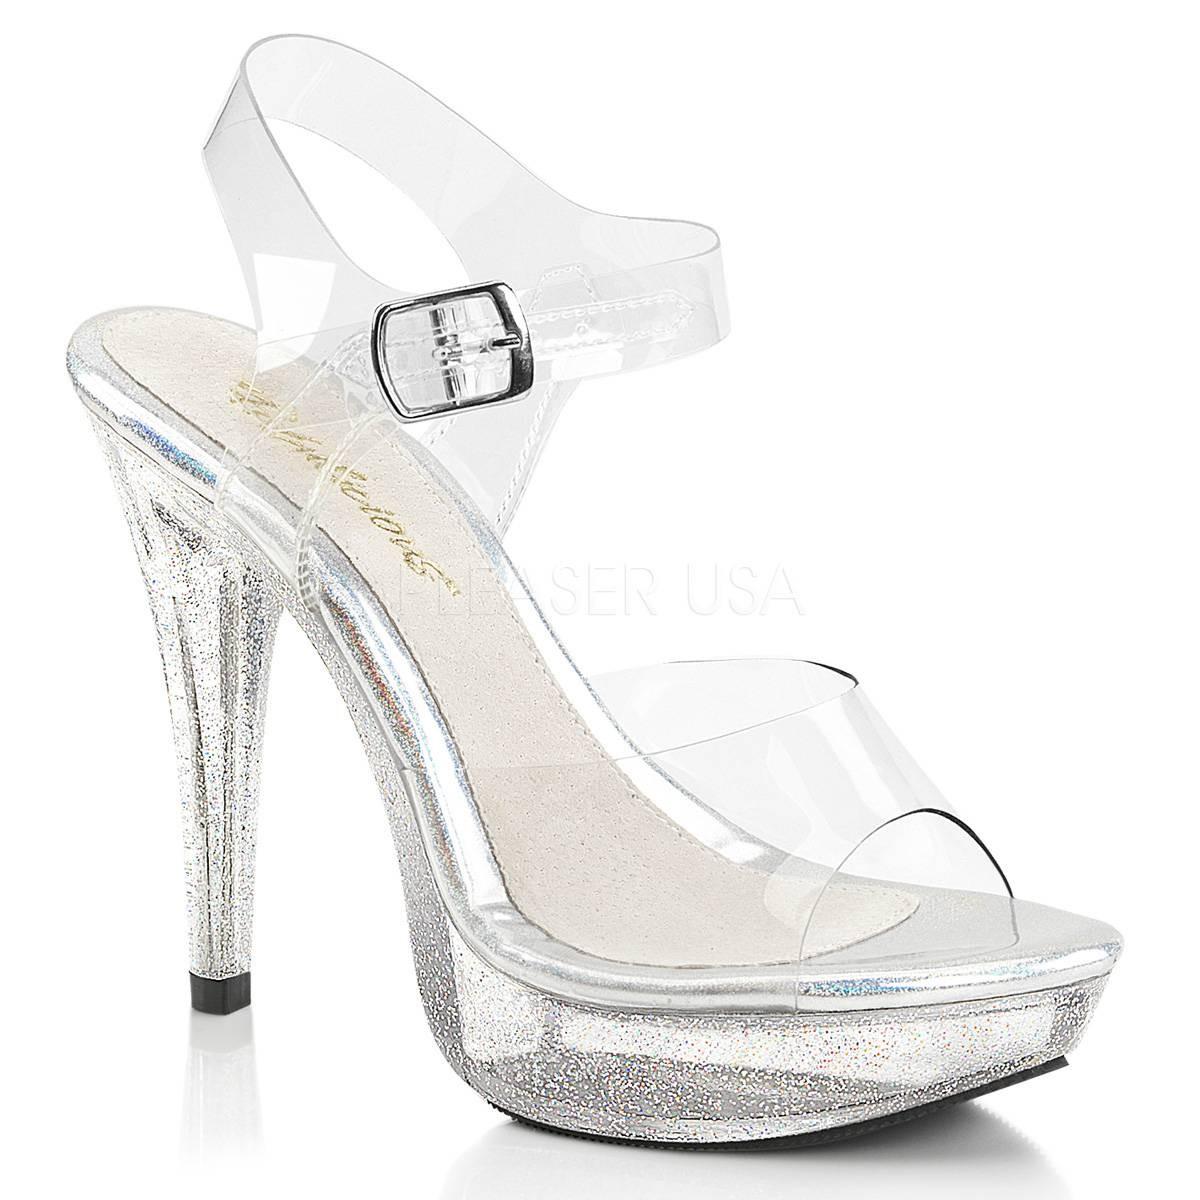 Highheels für Frauen - COCKTAIL 508MG ° Damen Sandalette ° TransparentMatt ° Fabulicious  - Onlineshop RedSixty